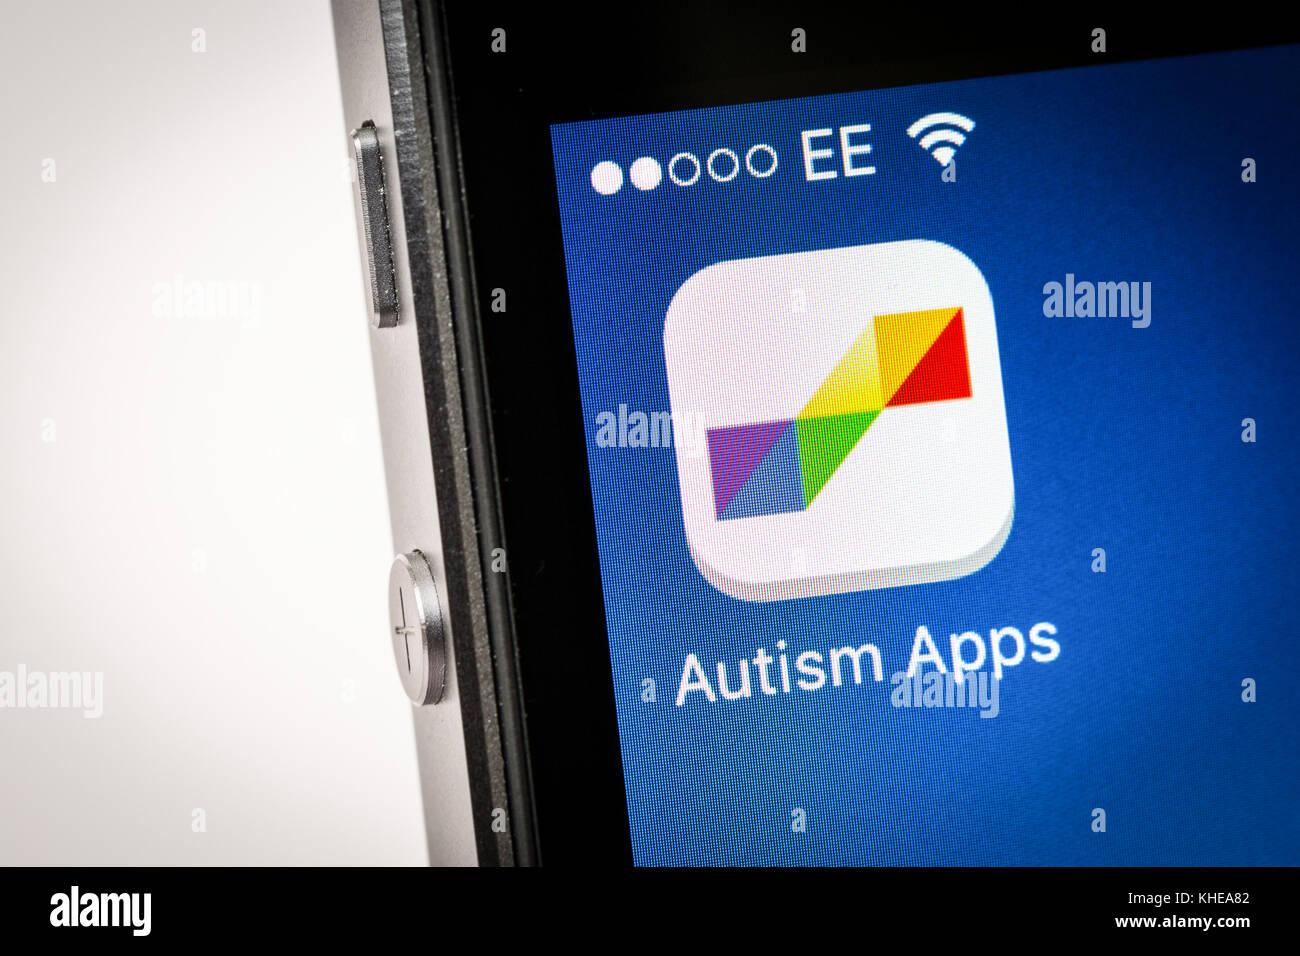 Apps autisme app sur un iPhone Photo Stock